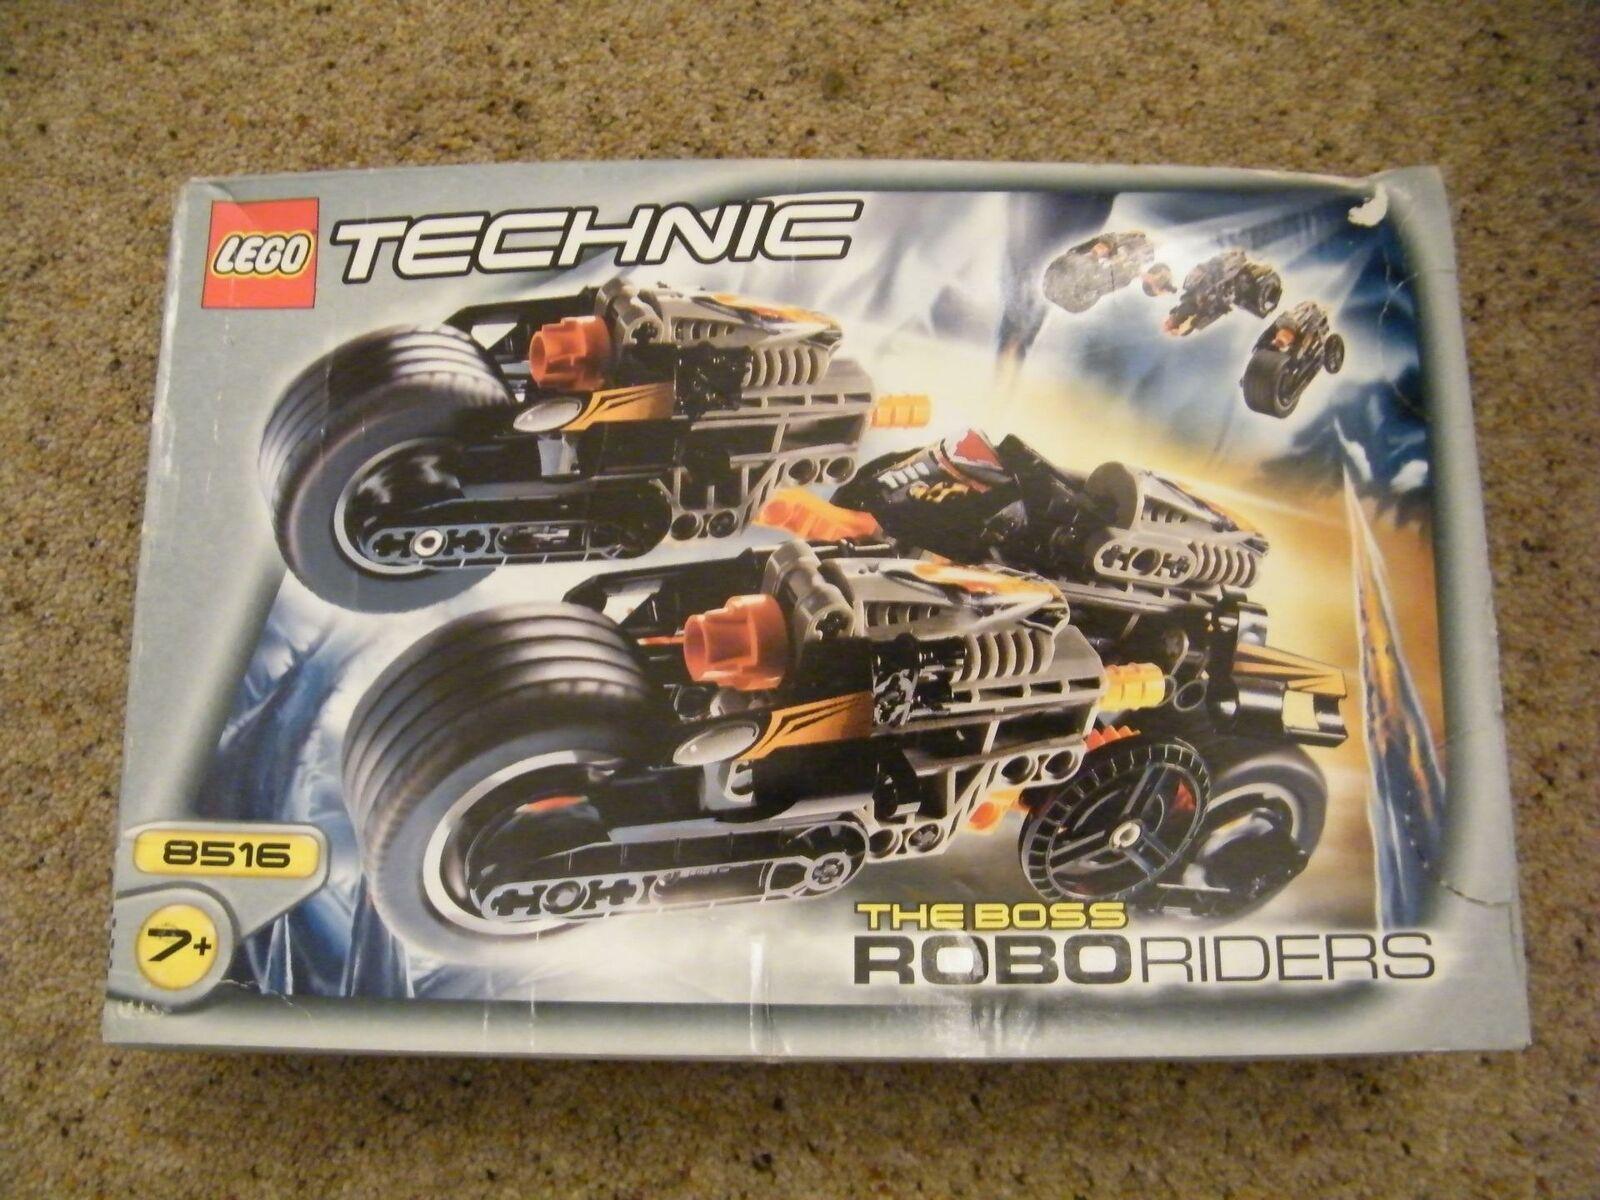 NUOVO LEGO Technic bionicle roborider SLIZER 8516  il capo in una scatola sigillata Nuovo con Scatola  spedizione gratuita!